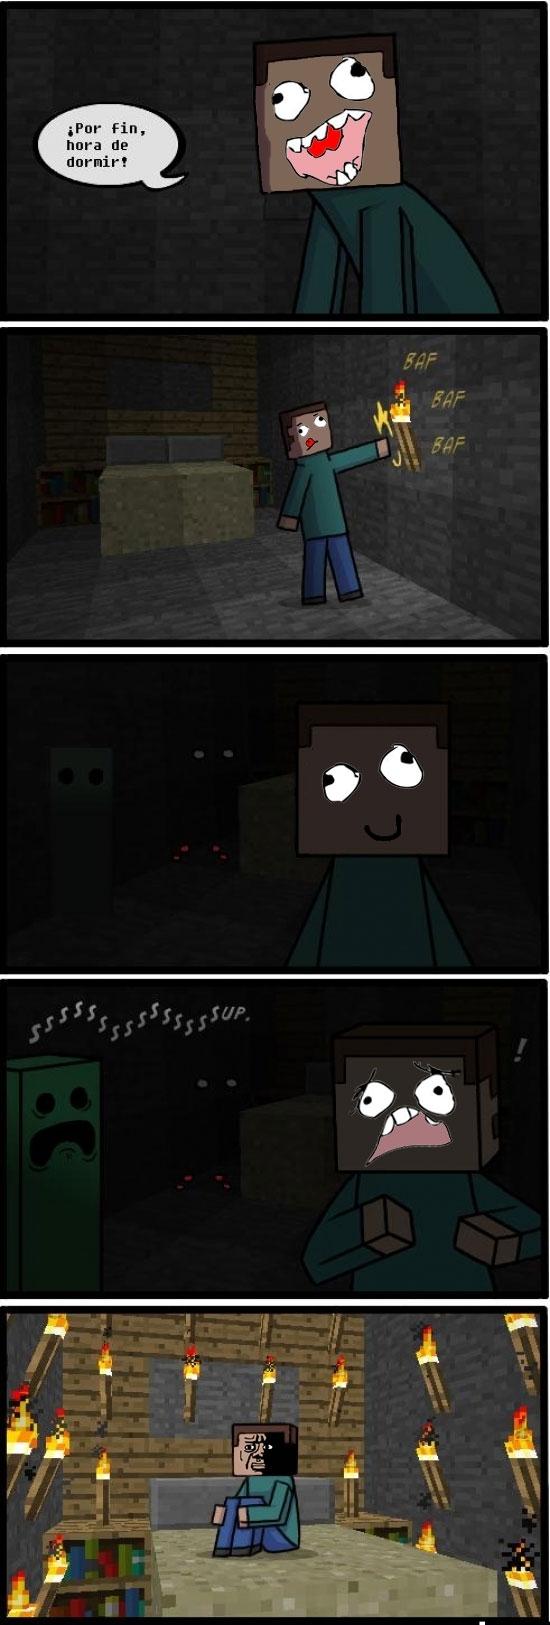 Ffffuuuuuuuuuu - ¿Slenderman? Prueba a dormir en Minecraft sin luz